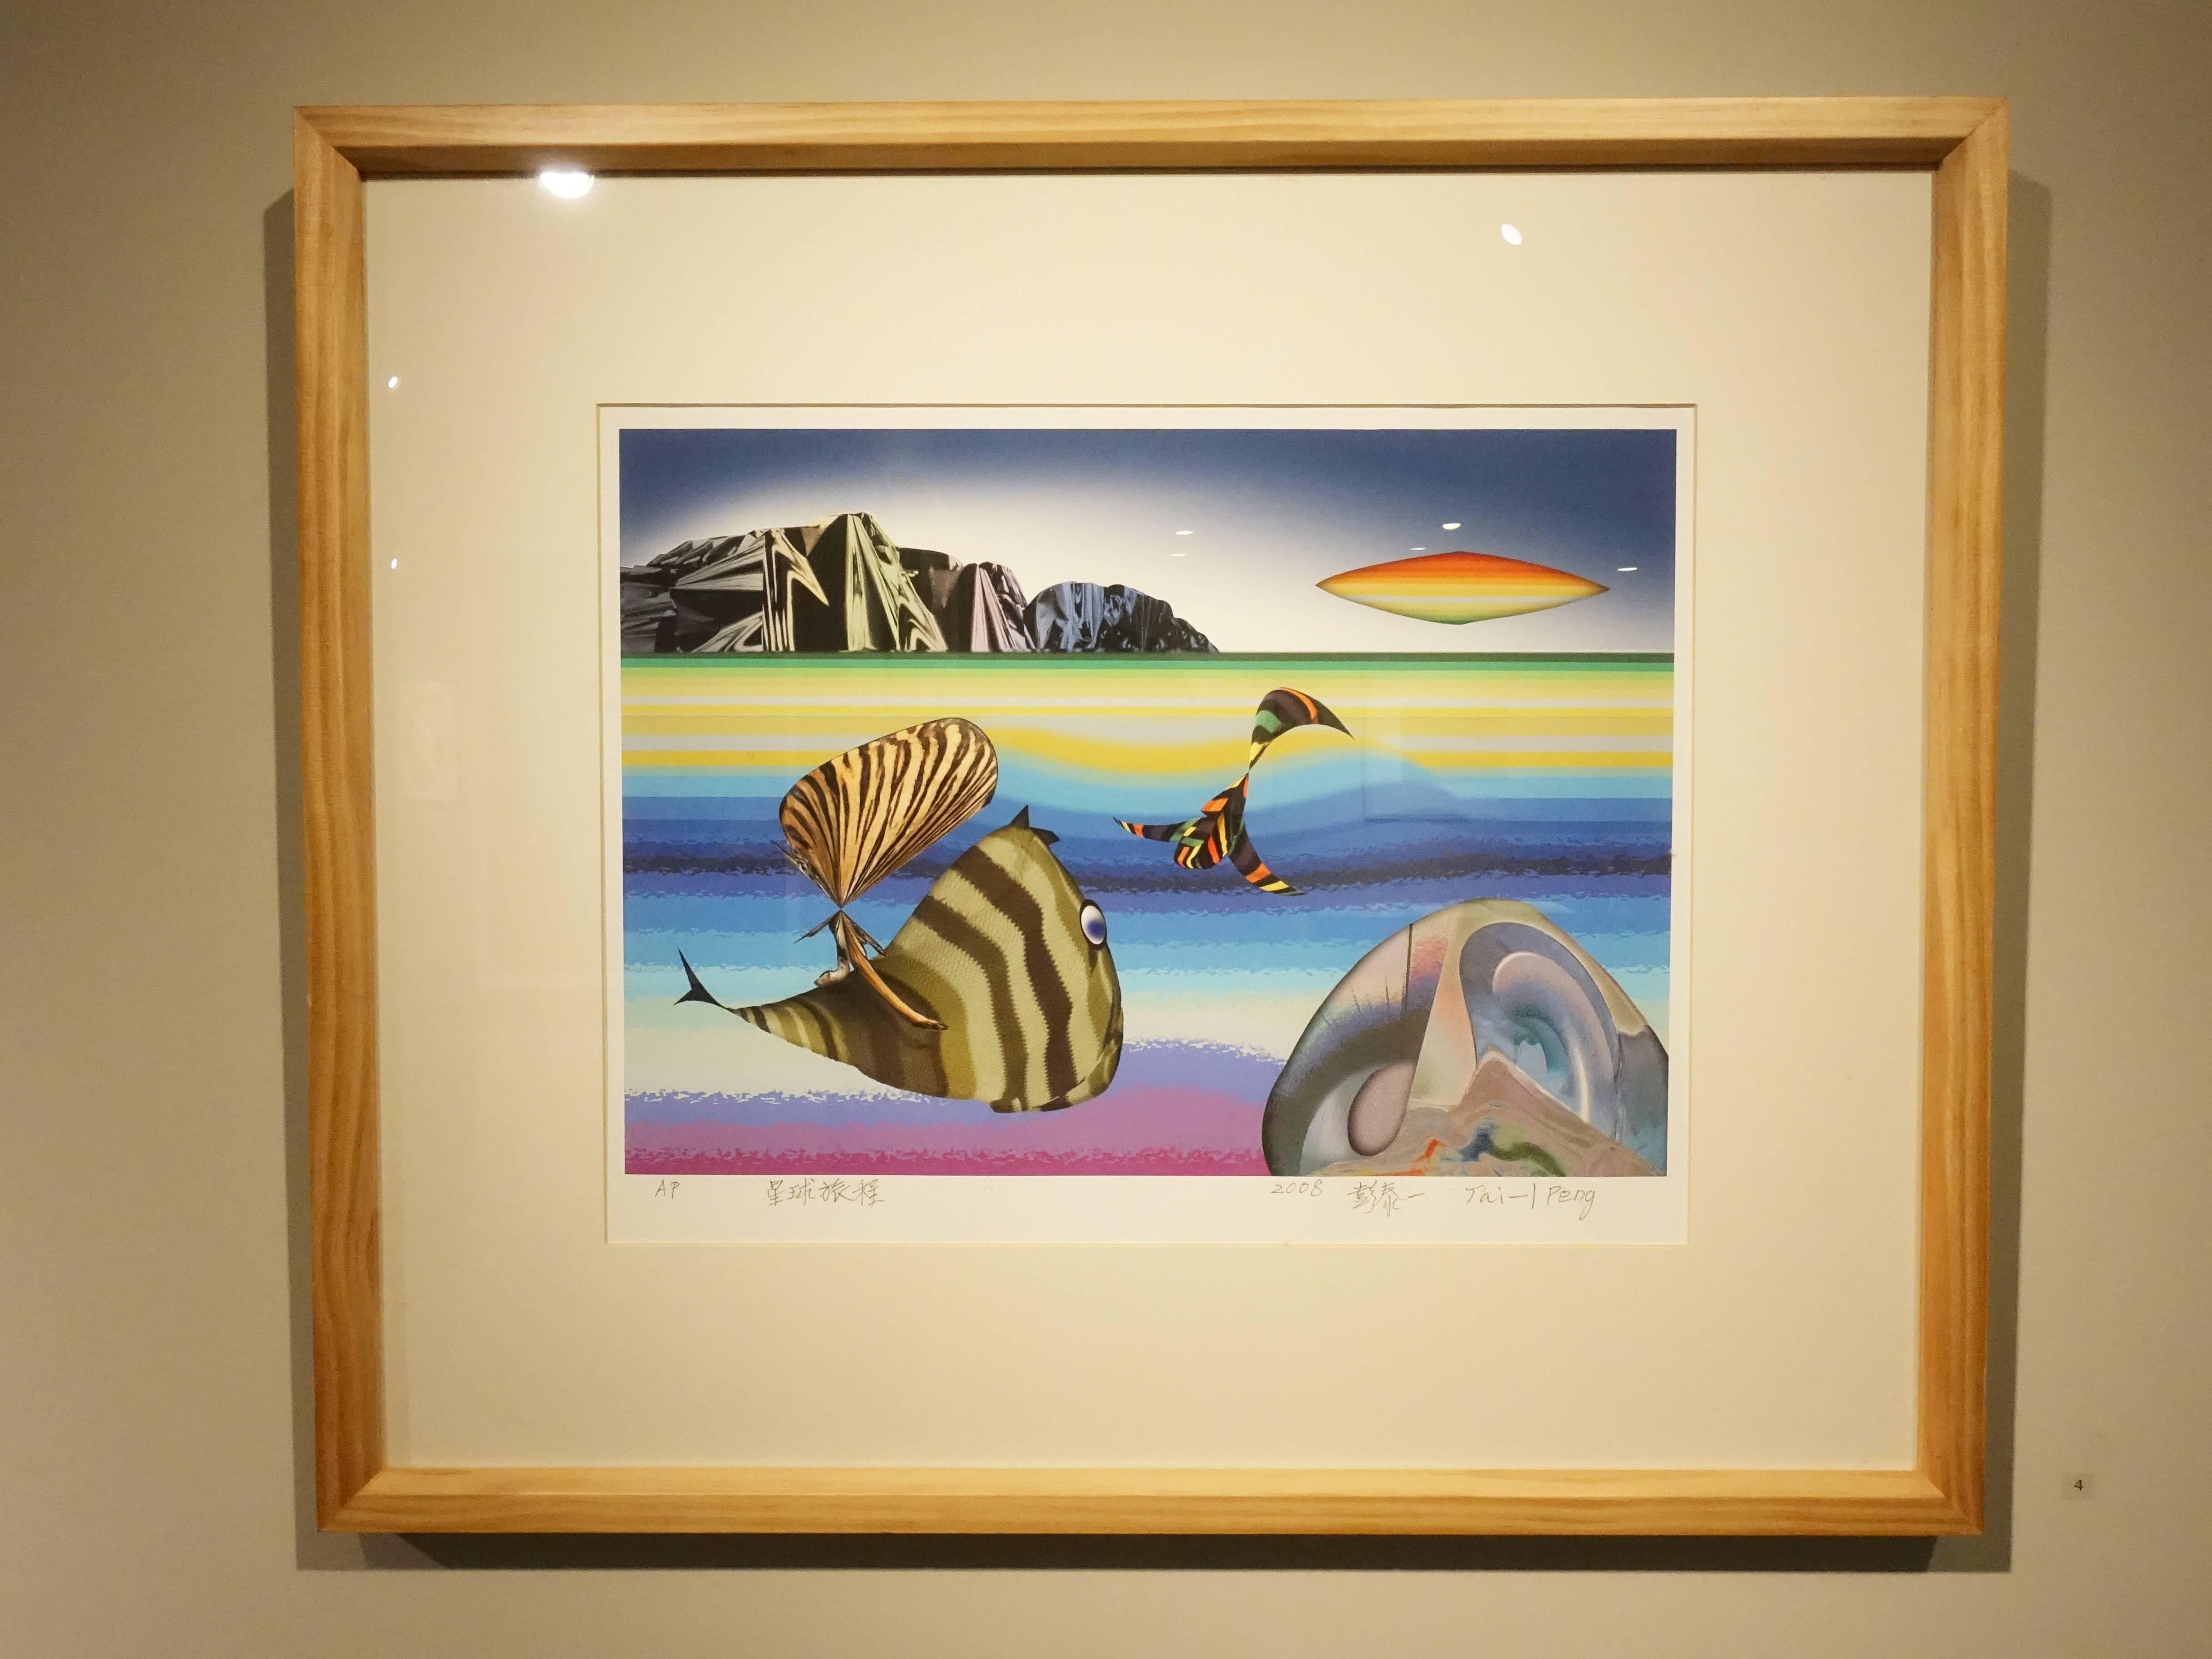 彭泰一,《星球旅程》,30 x 48 cm,AP,數位版畫,2008。